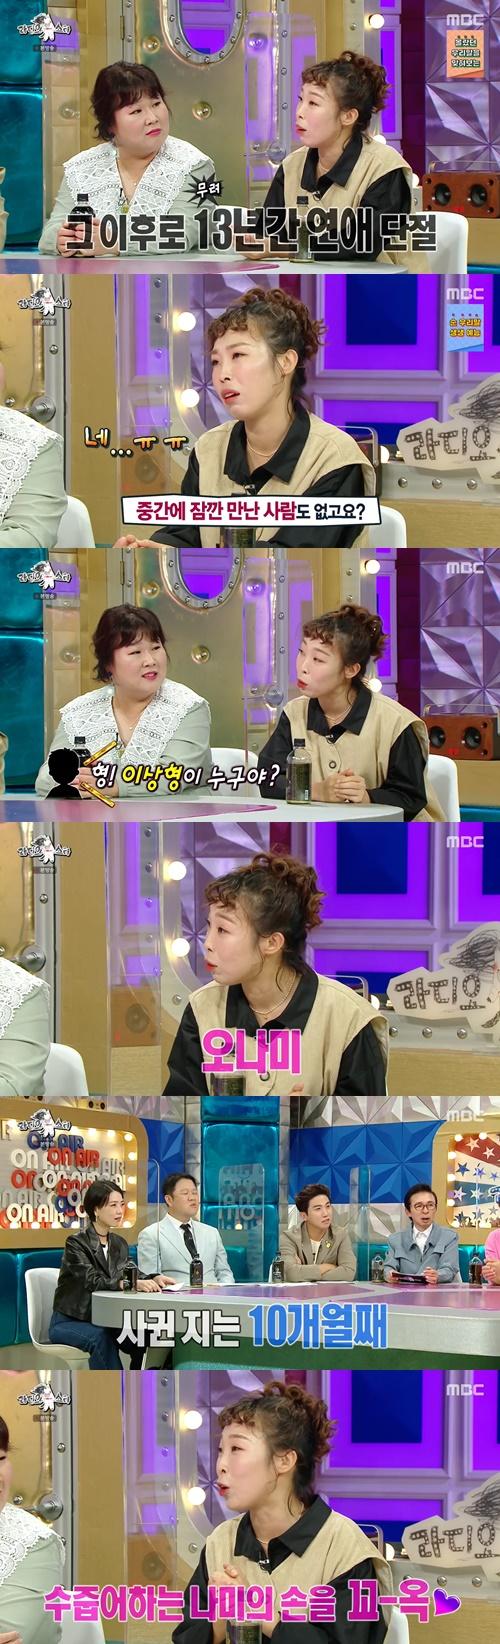 '라디오스타' 오나미가 공개열애 중인 박민에 대해 언급했다. 사진='라디오스타' 캡쳐